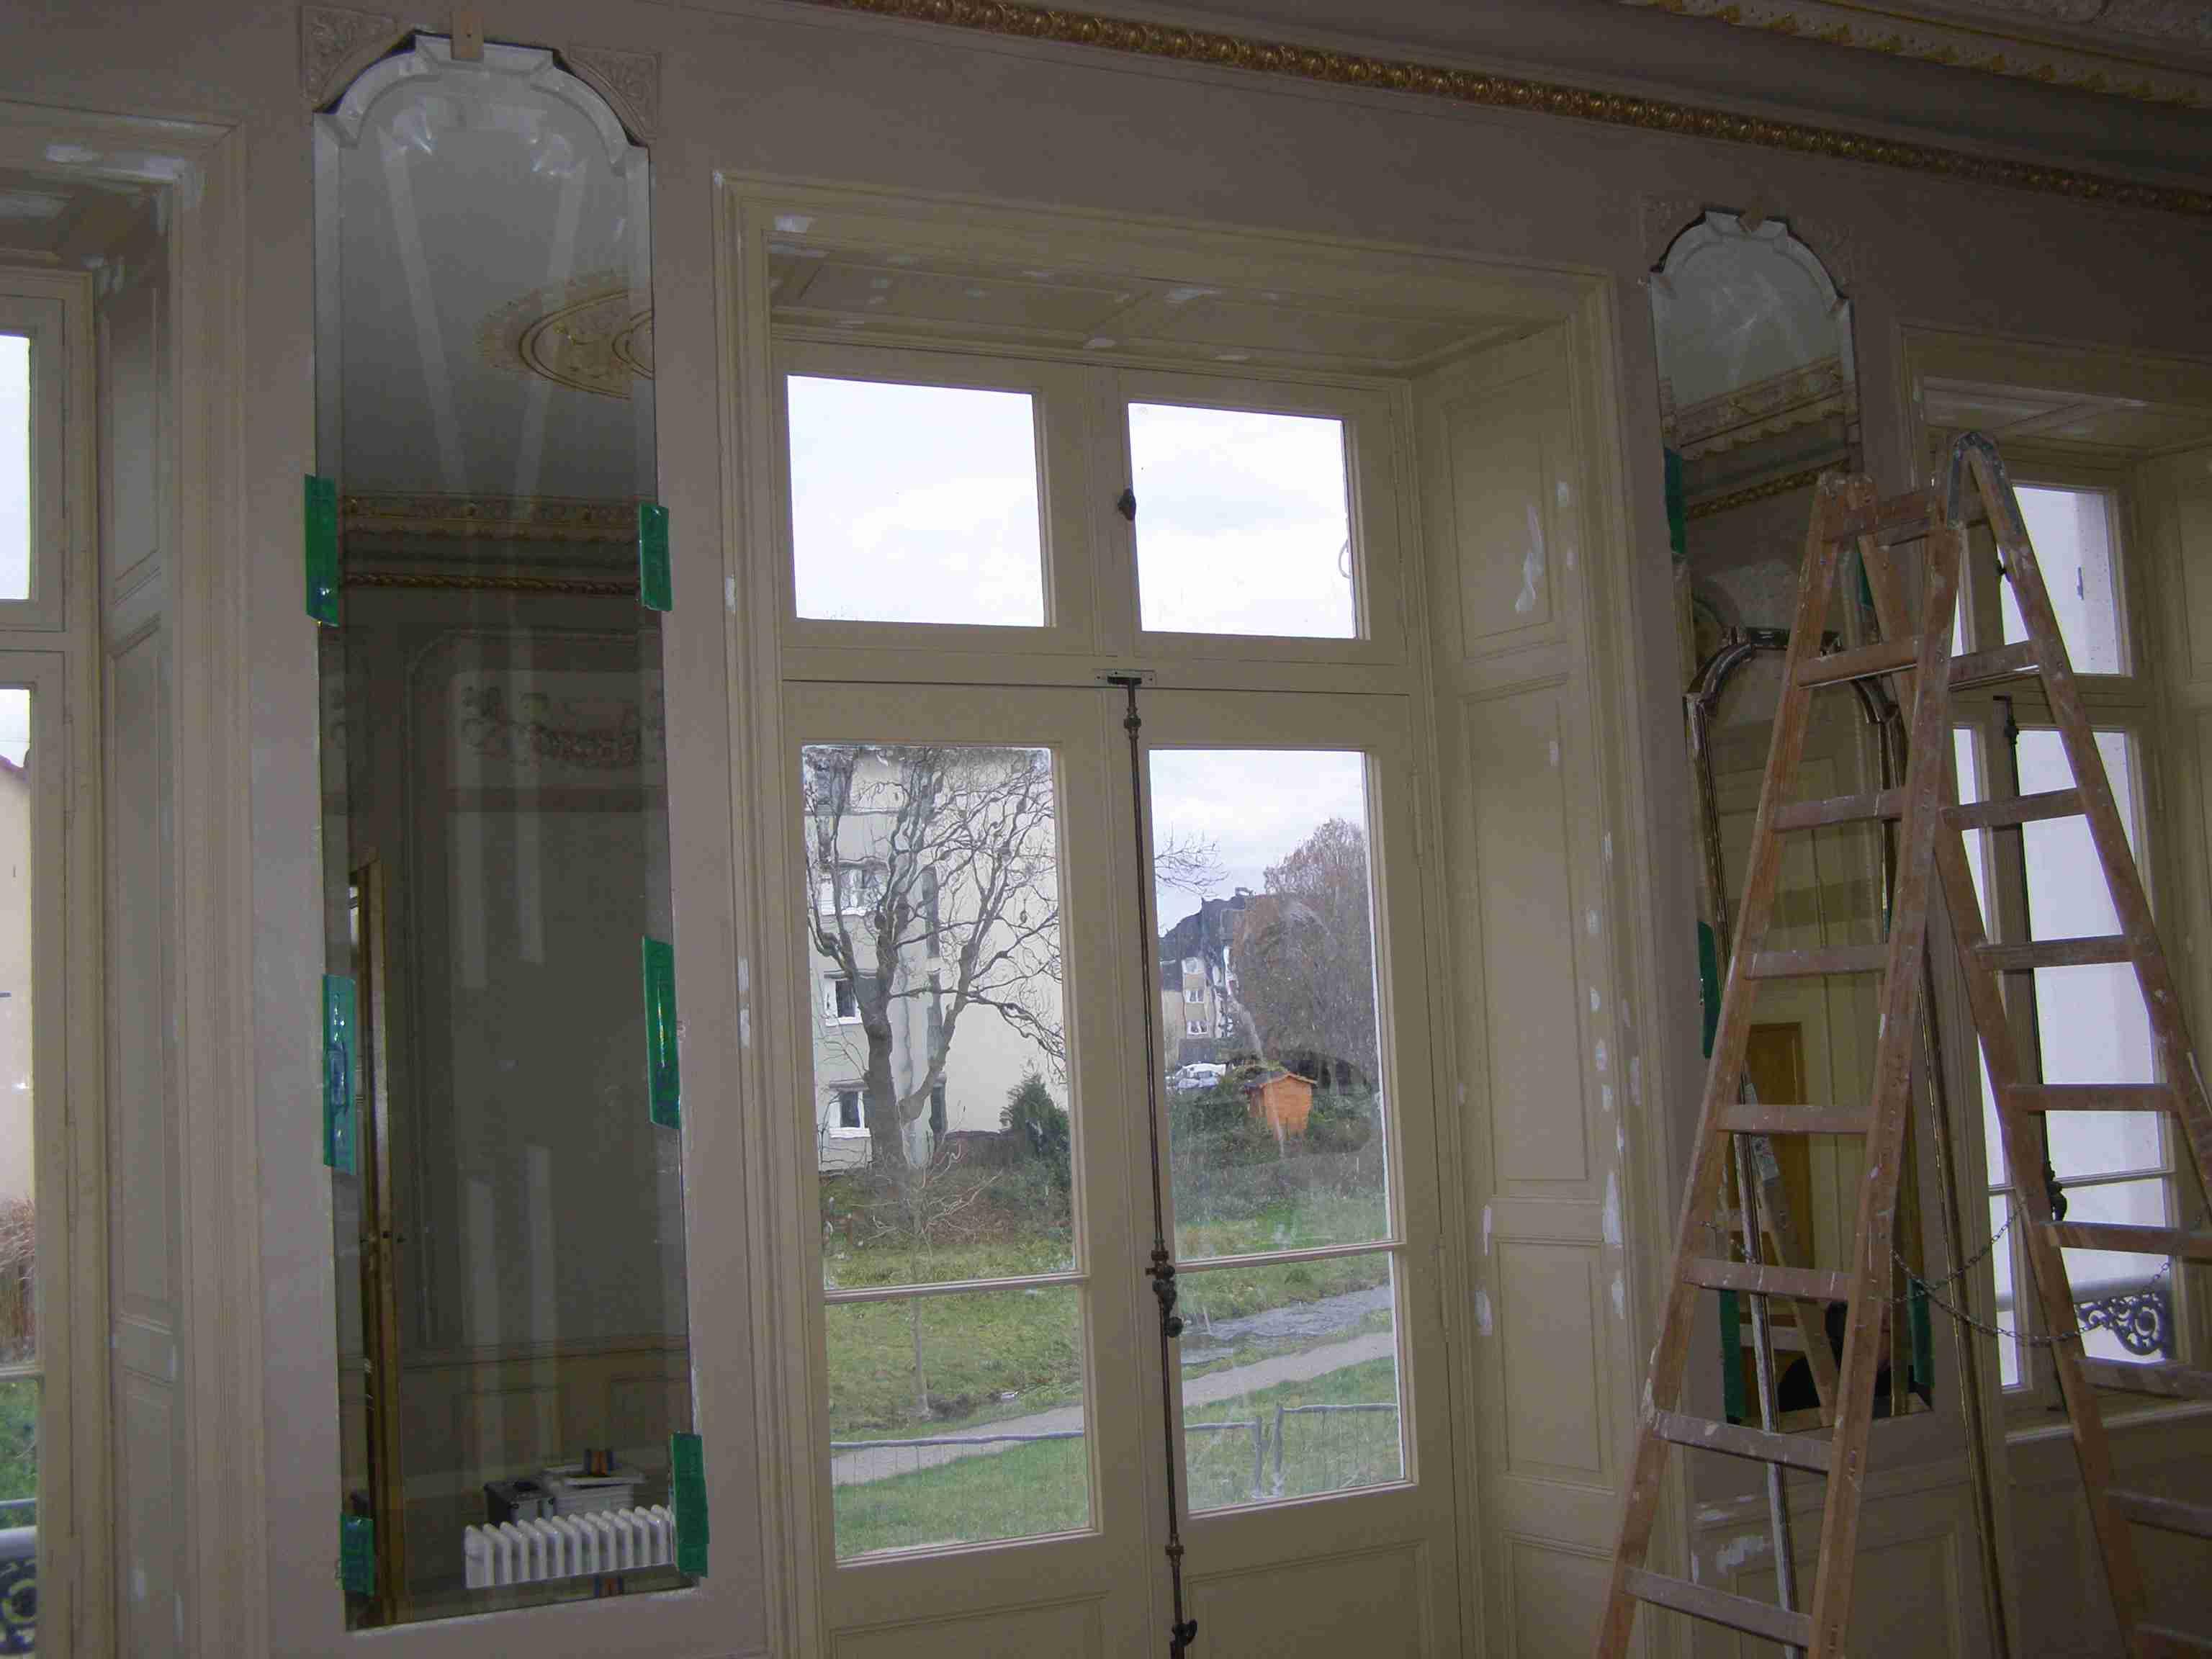 Festsaal in der Villa Buechner - die neu eingesetzten Spiegel